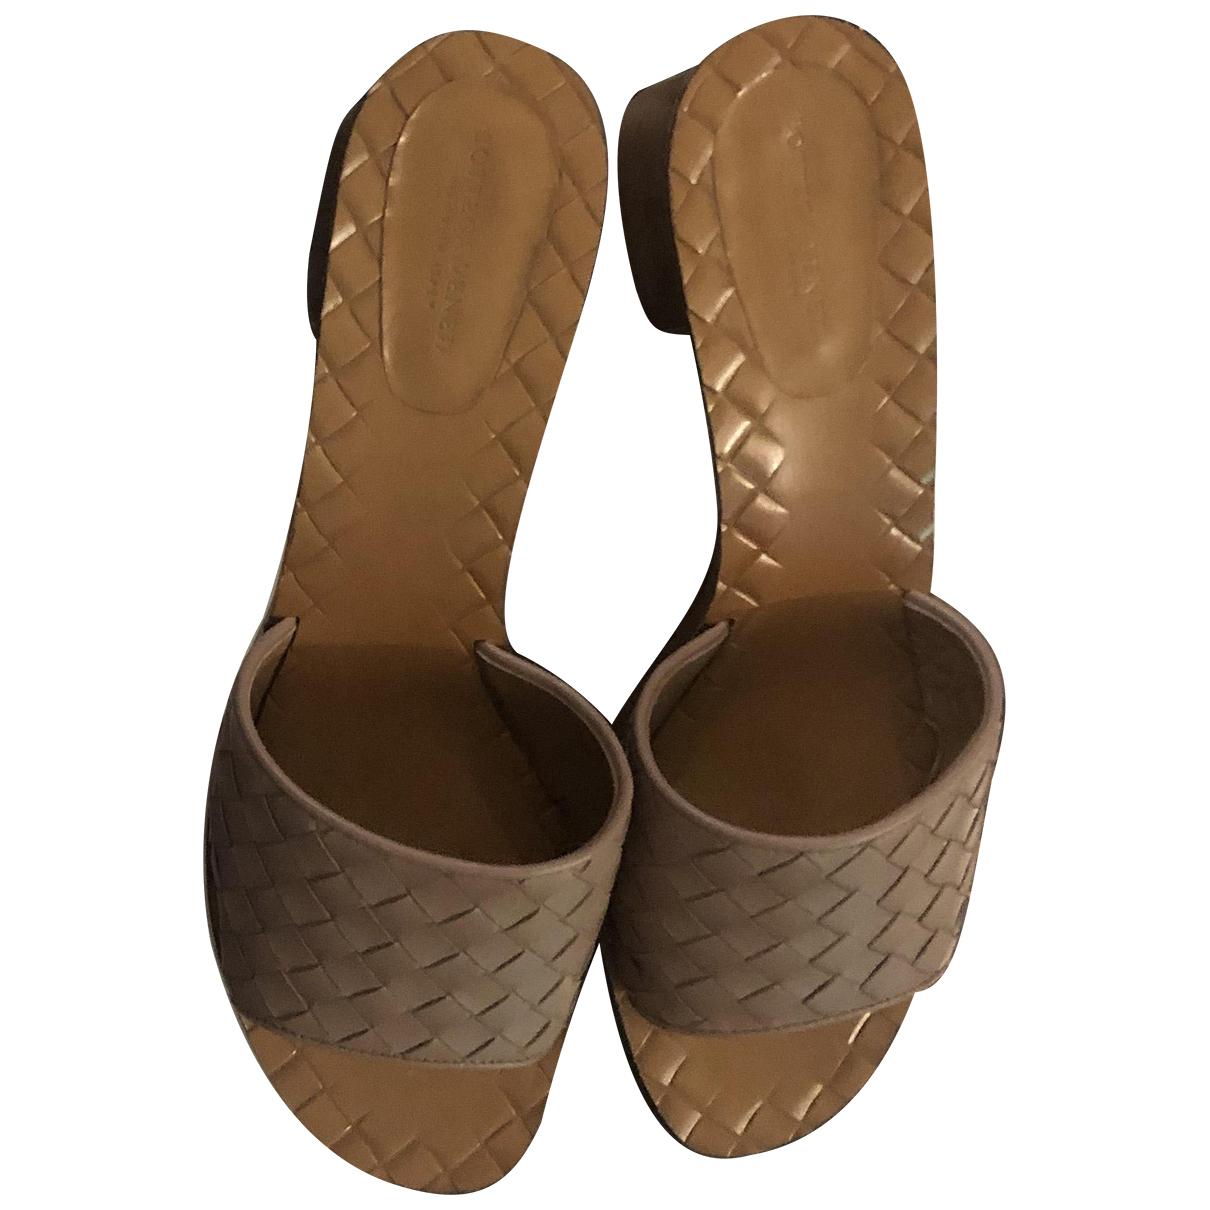 Bottega Veneta \N Leather Sandals for Women 37 EU